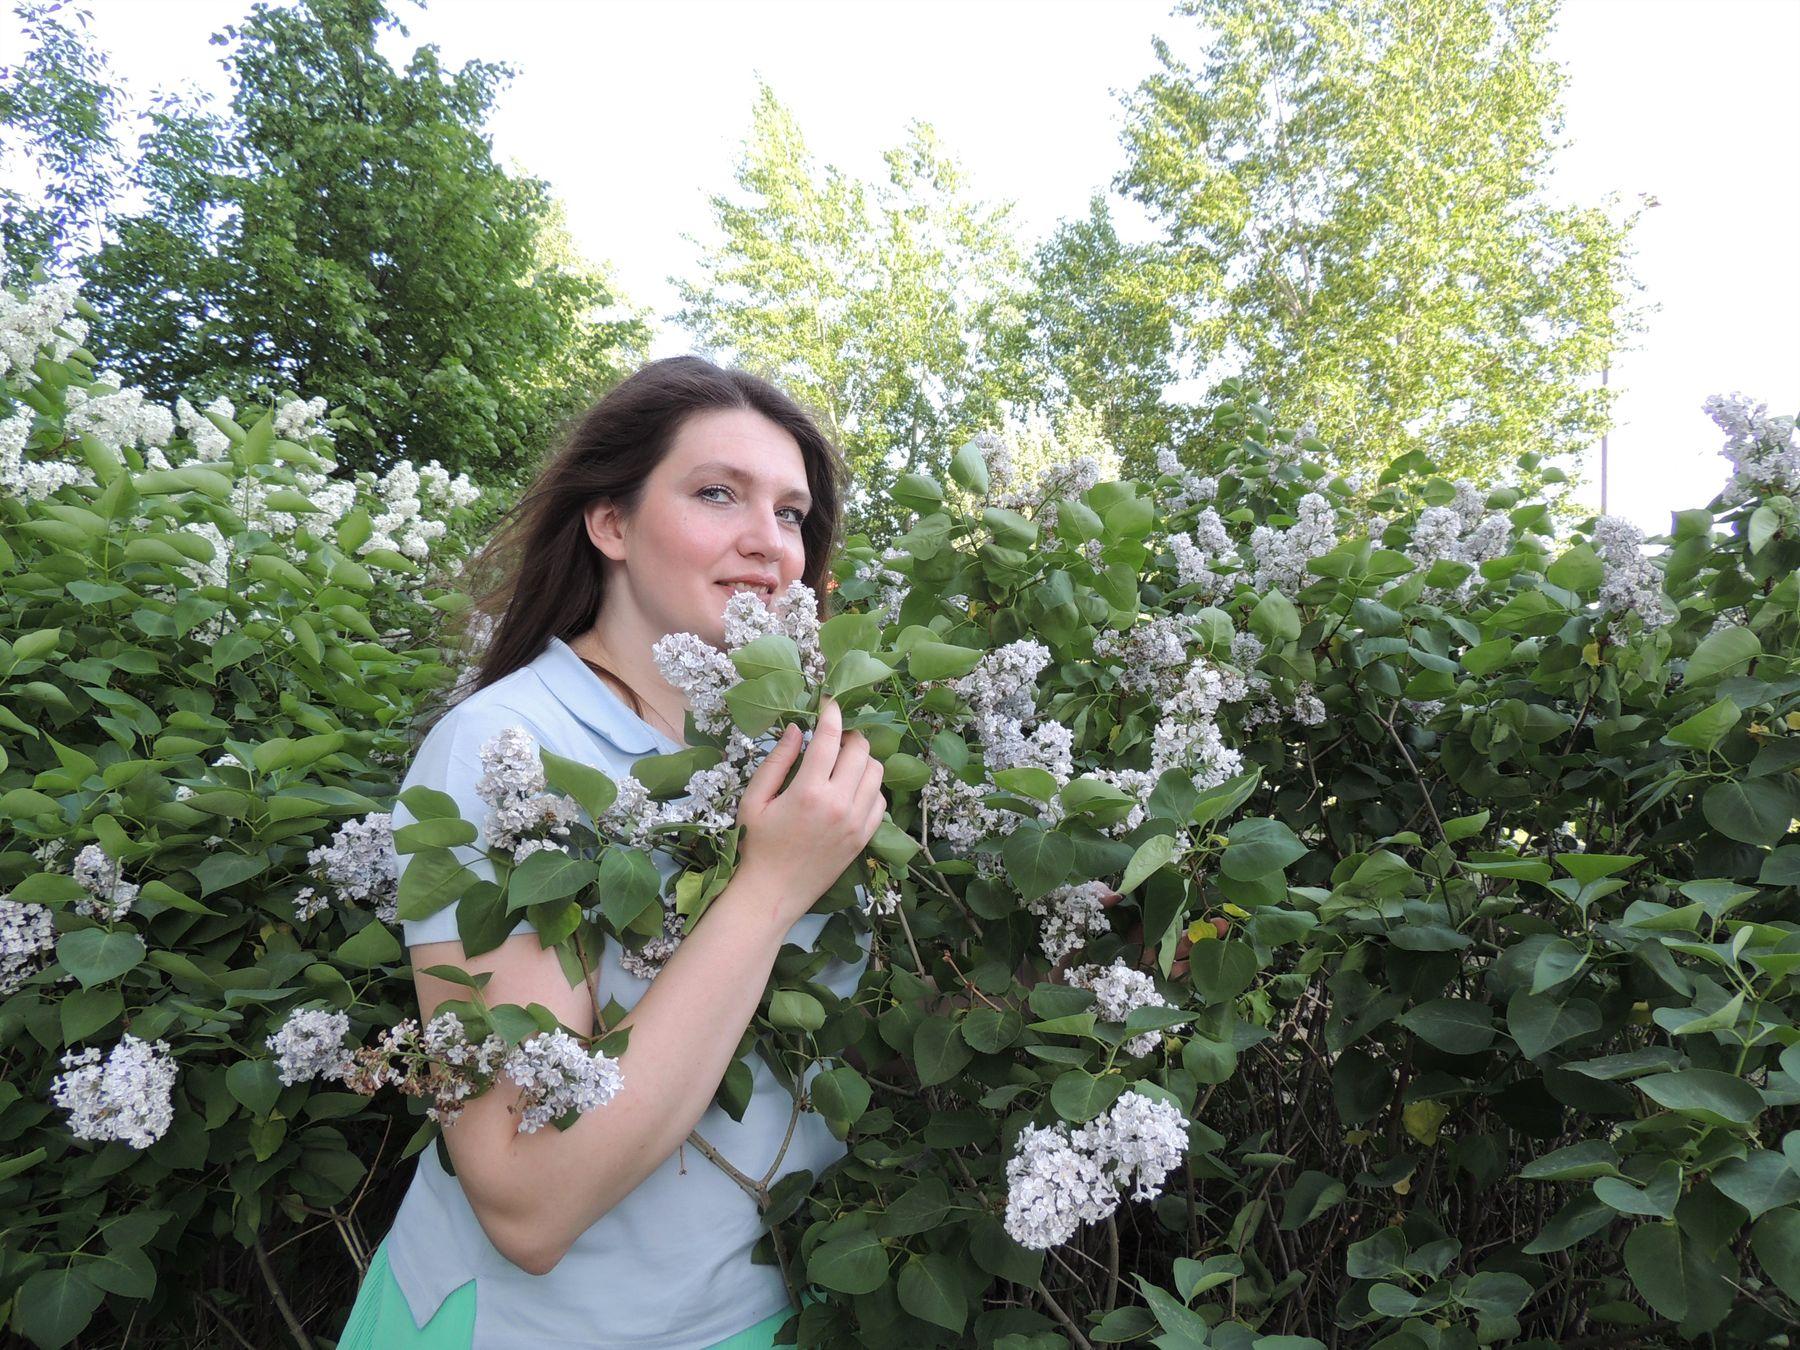 В цветущем саду. сиреневый сад нежность девушка сирень весеннее фото